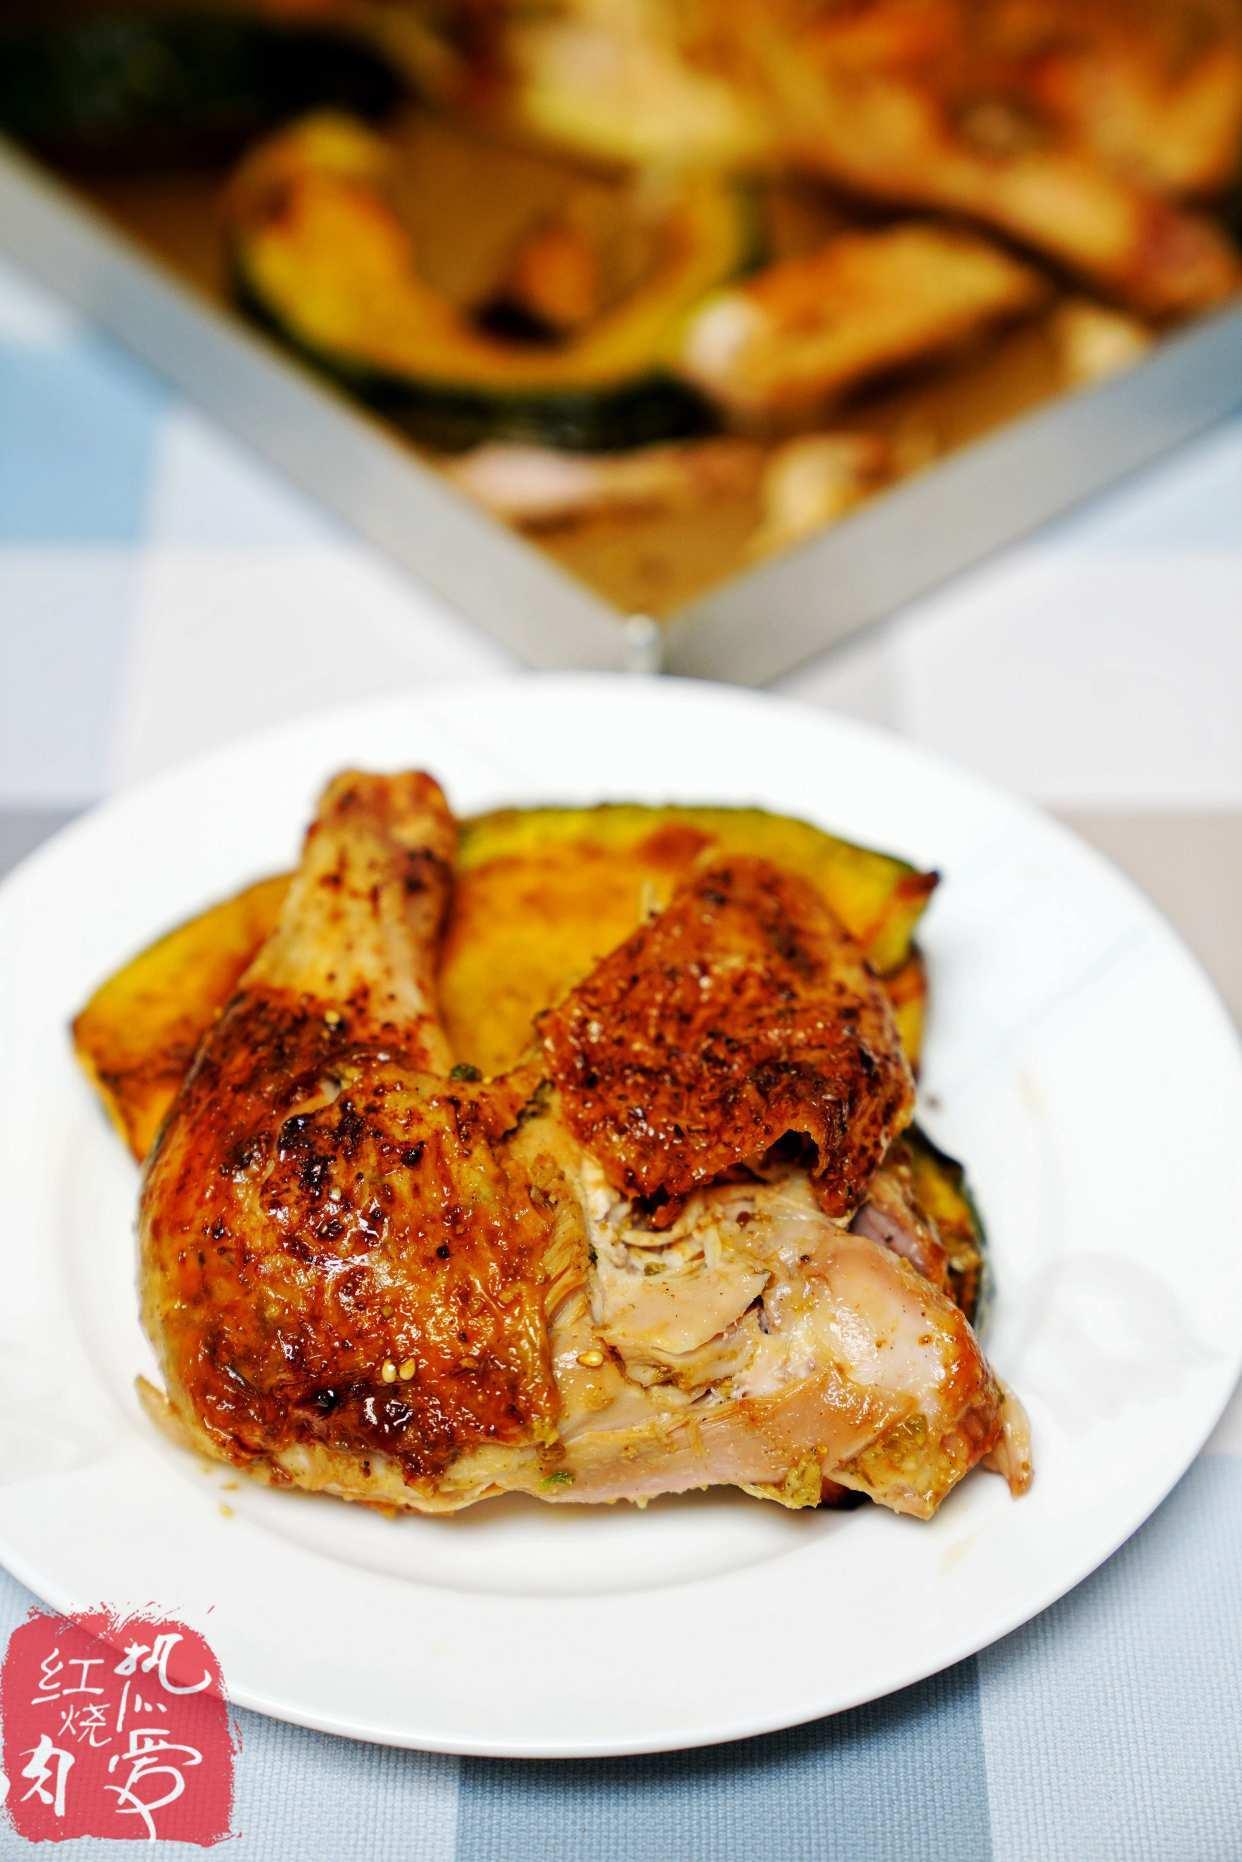 想吃烤鸡别去买了,在家做这样腌,皮脆肉嫩汁水多一点儿也不柴